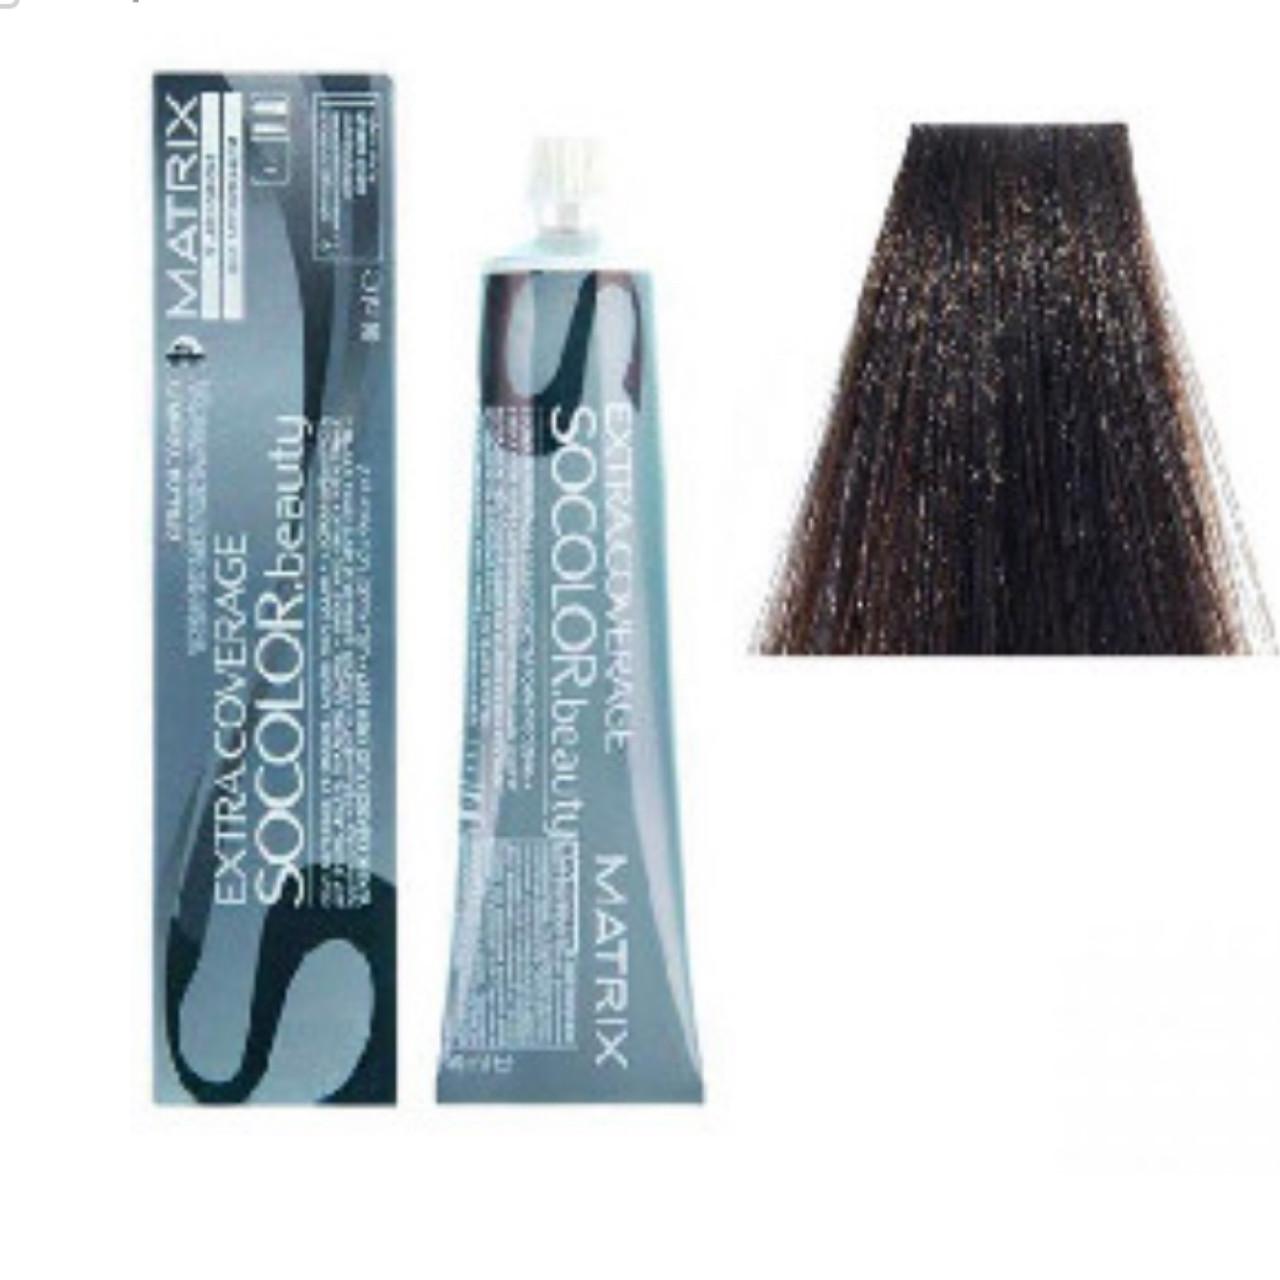 Краска для волос Matrix Socolor beauty, 90 мл 504N,505N,506N,507N,508N,509N,510N, 510NA